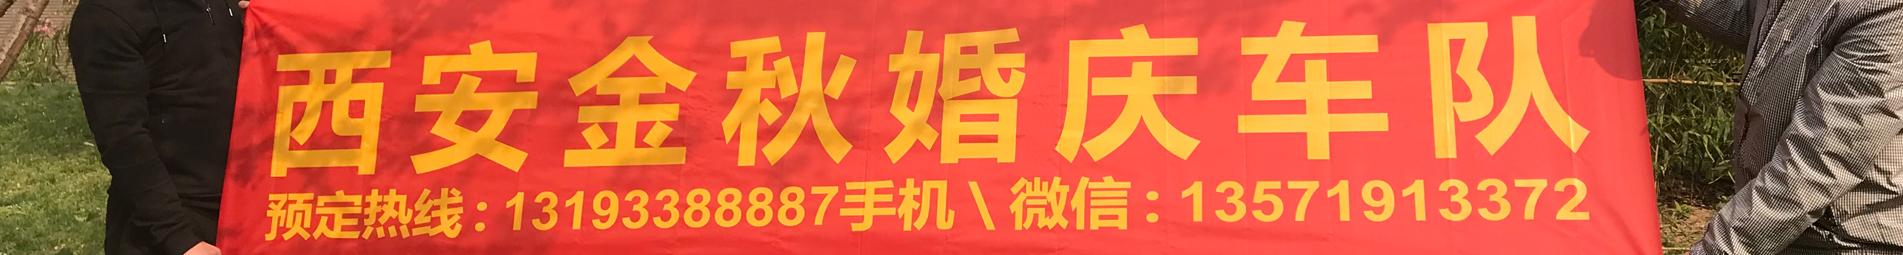 金秋奥迪车队陕西省内首家